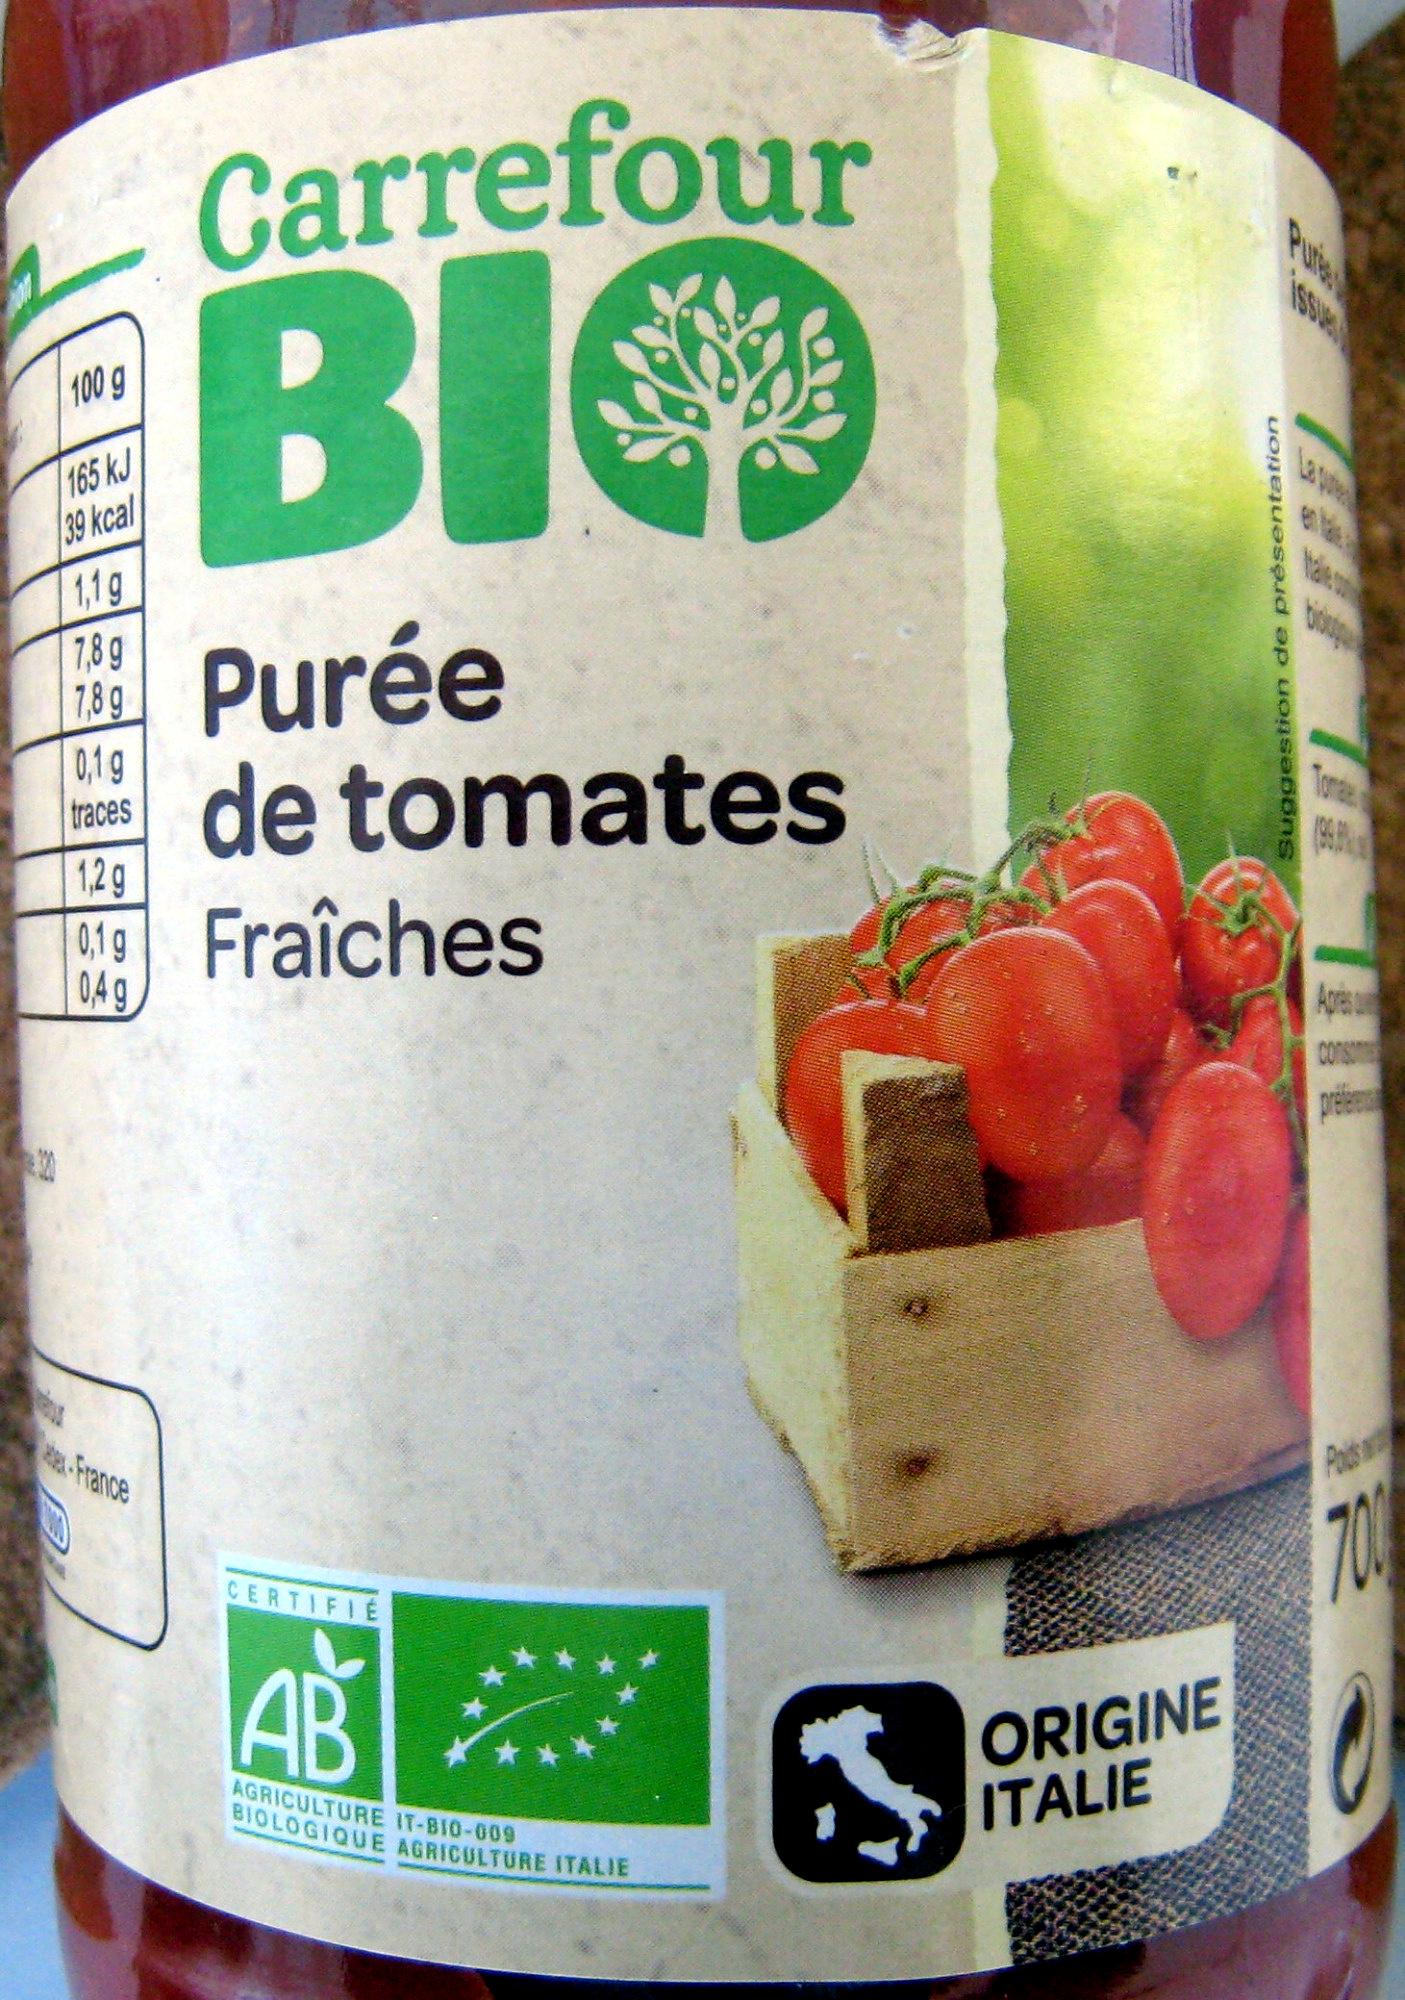 Purée de tomates Fraîches Bio 700 g - Produit